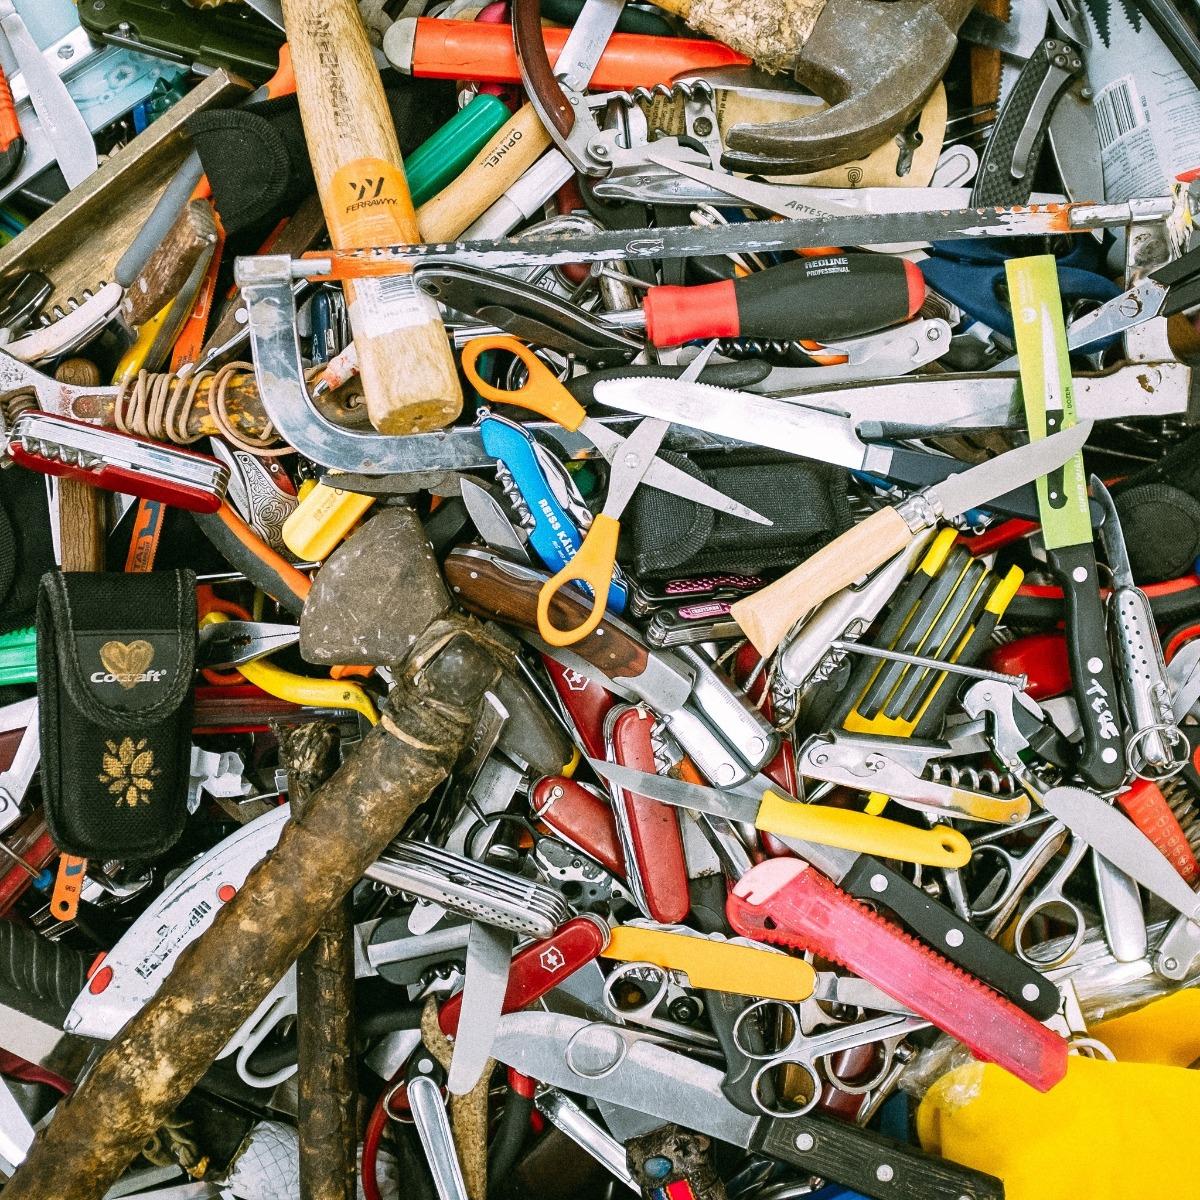 pile of DIY tools